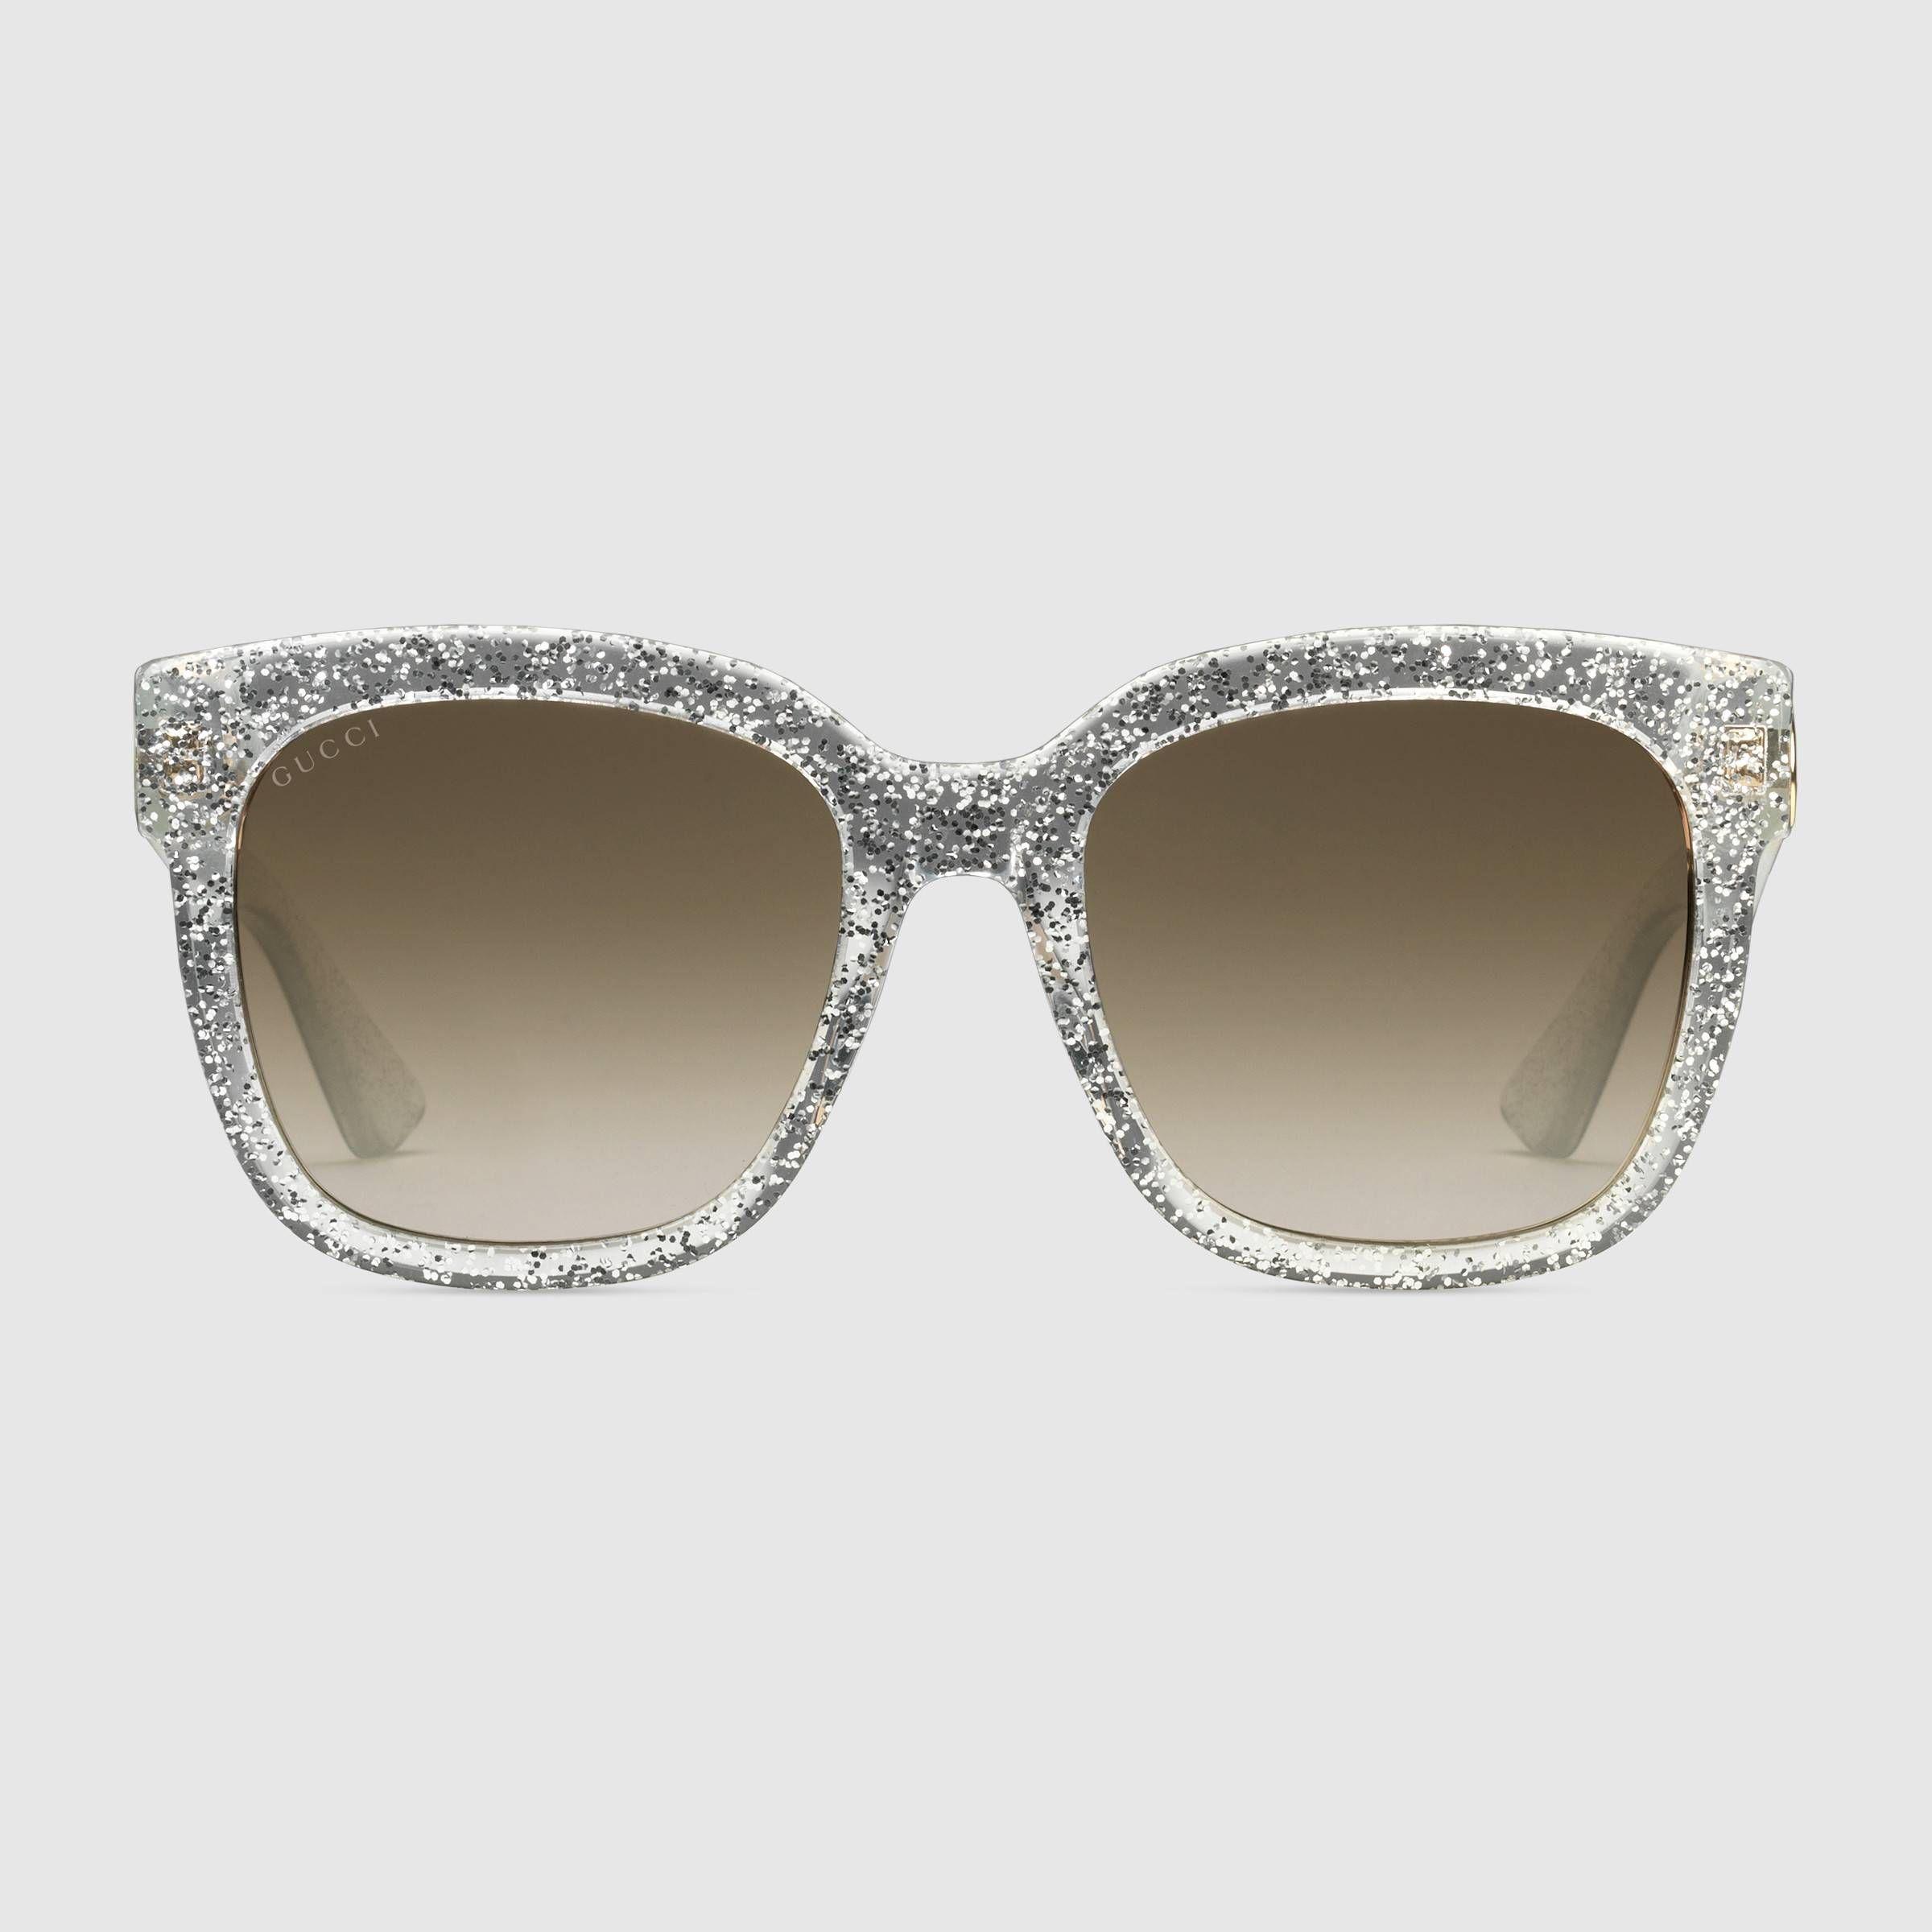 7cb63965047 Gucci Glitter Sunglasses